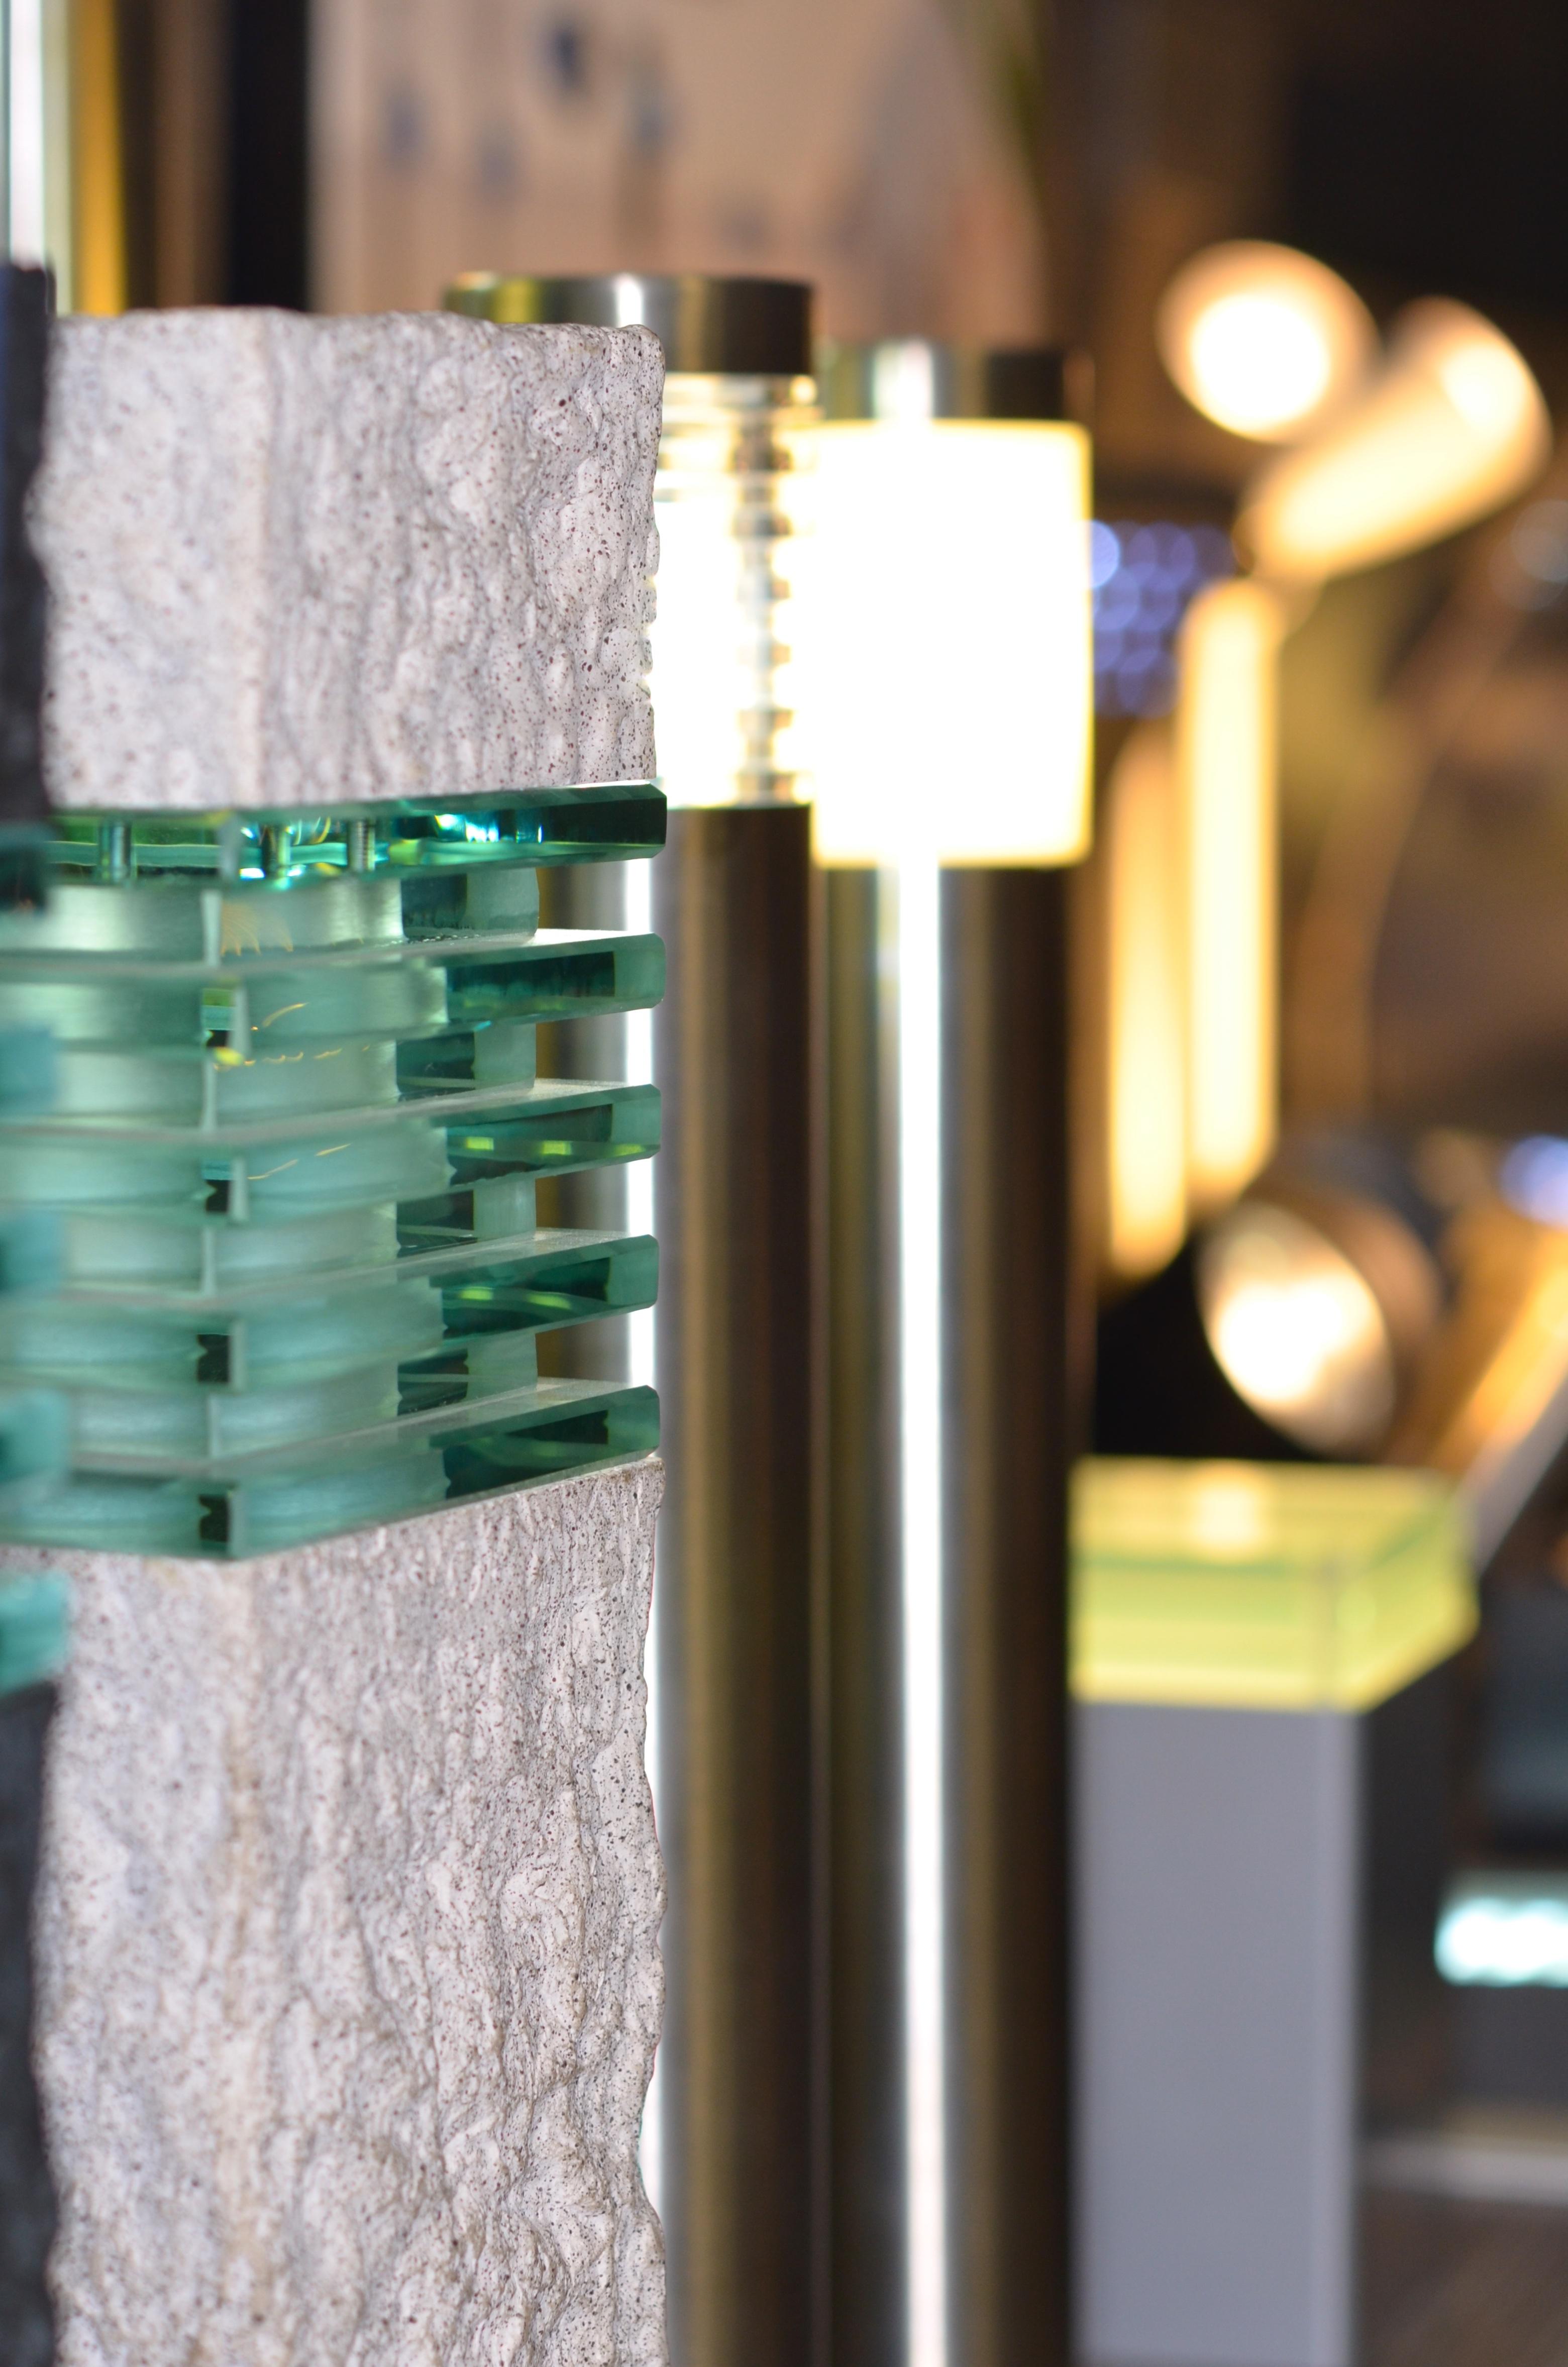 Beleuchtungsabteilung im Gartencenter spendet Licht